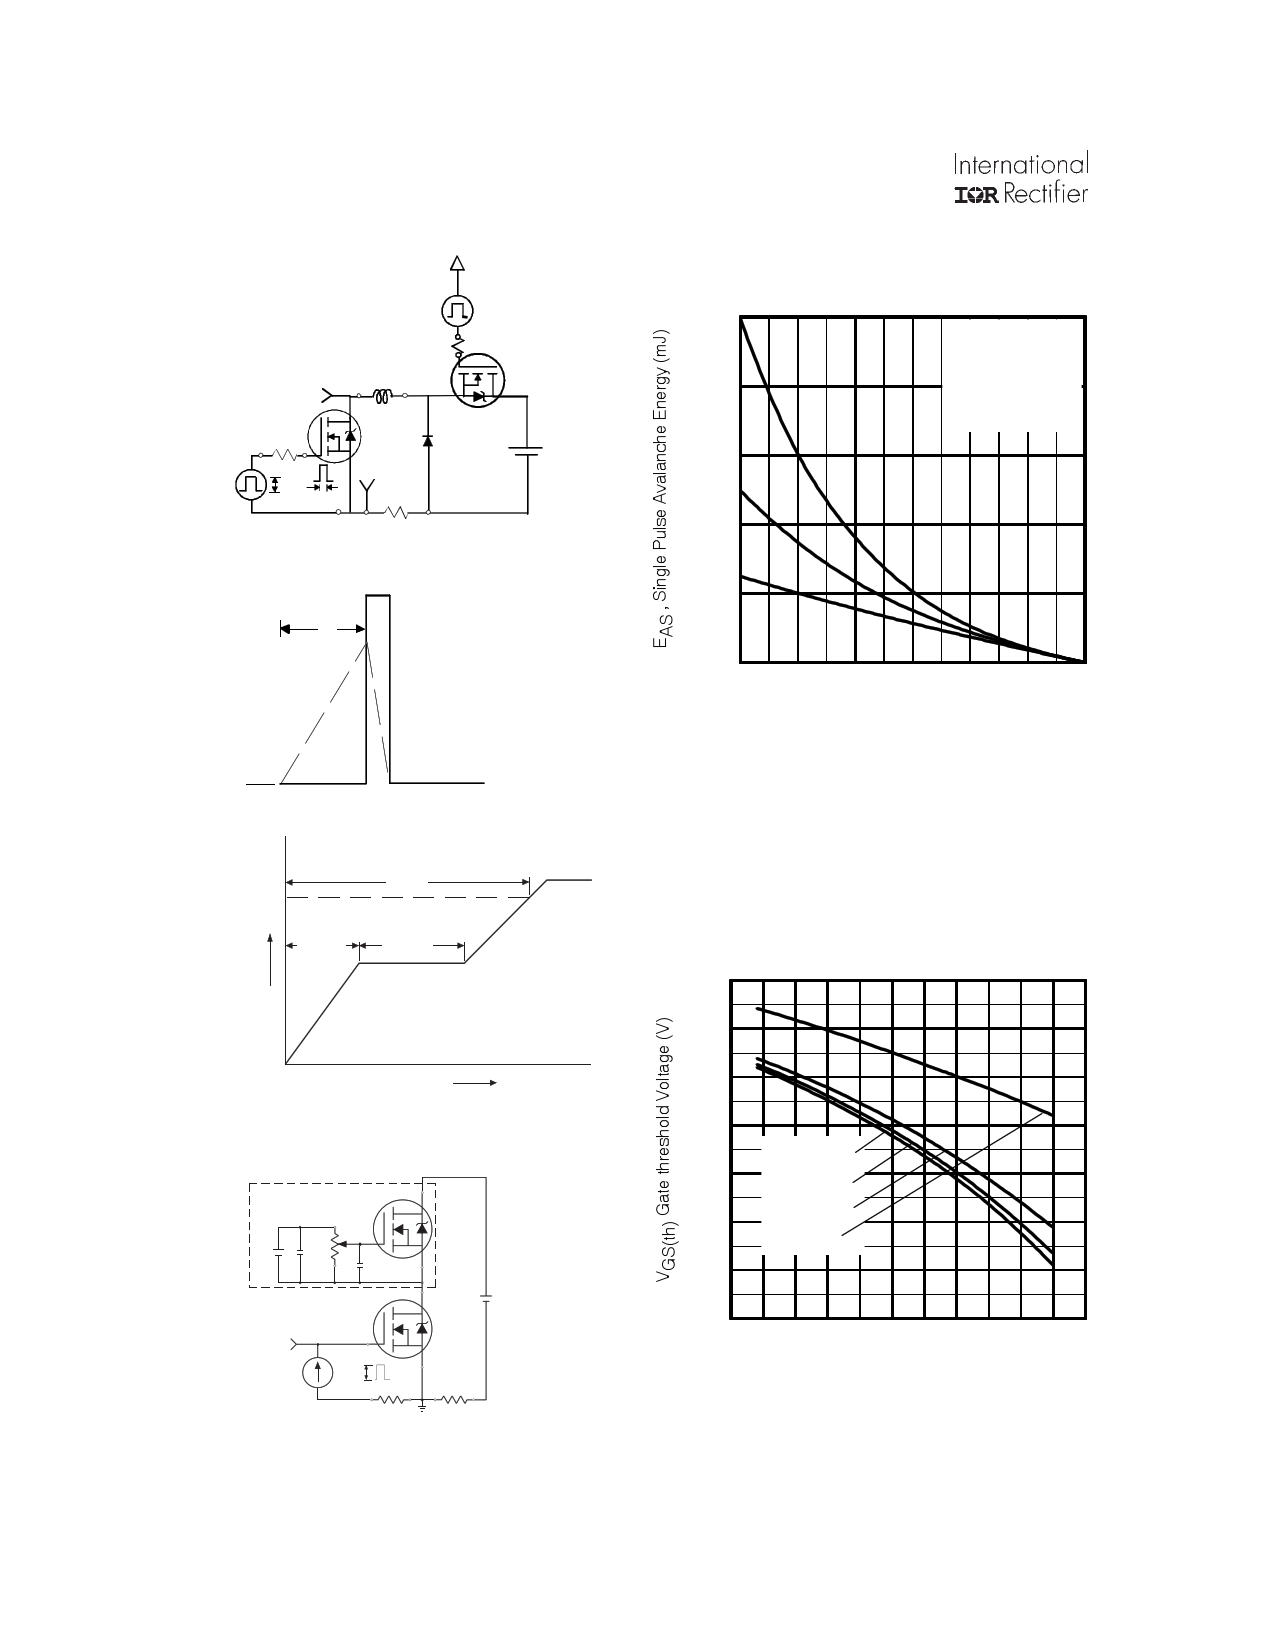 IRF1405ZS-7P 電子部品, 半導体